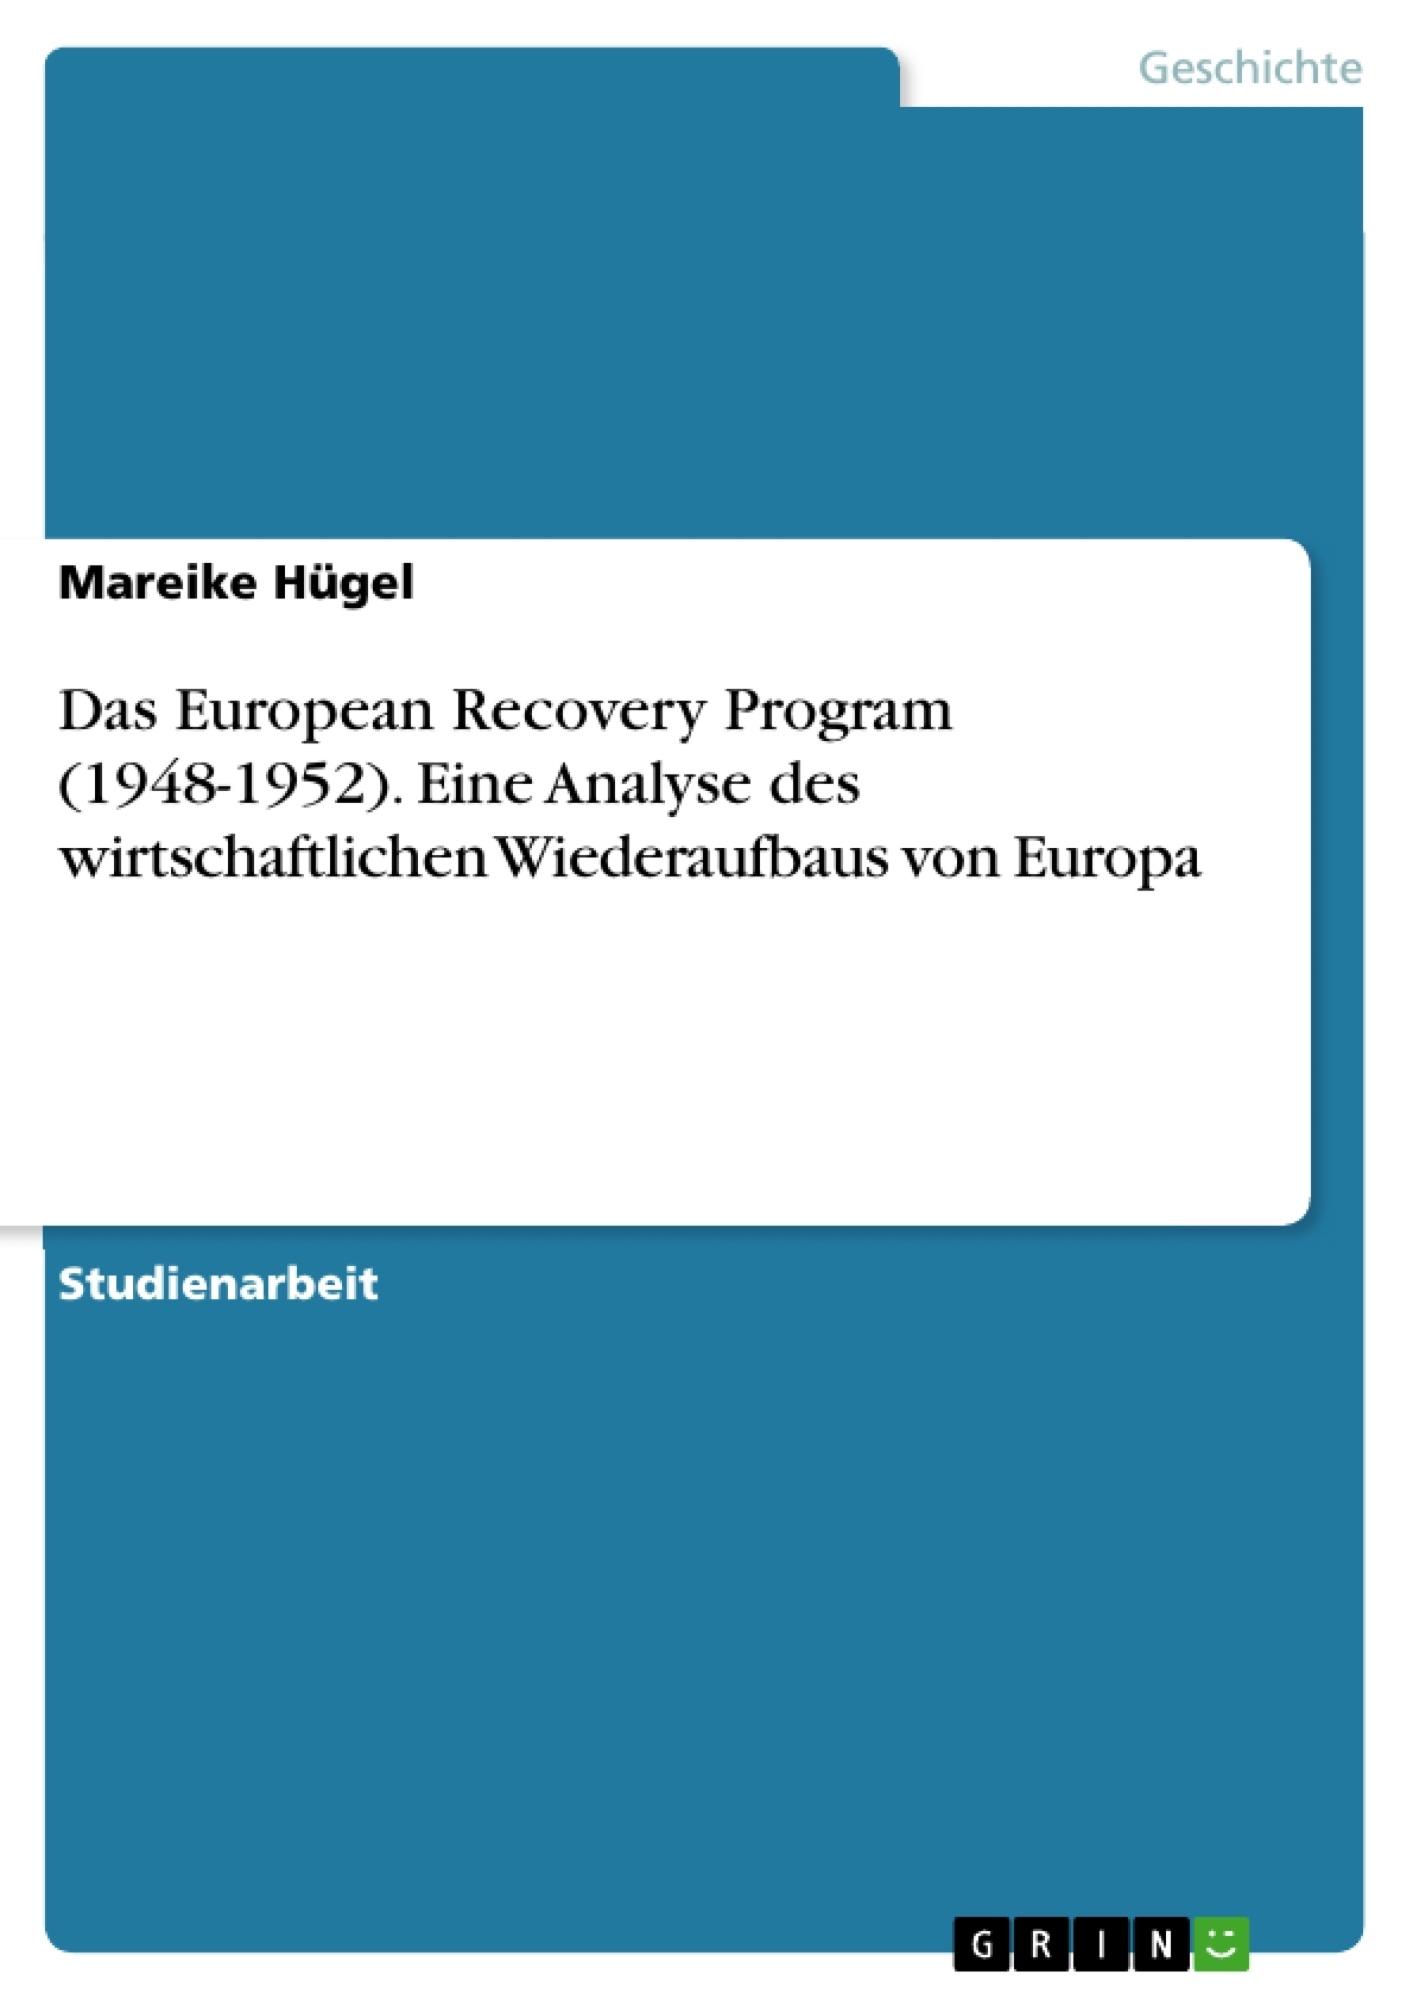 Titel: Das European Recovery Program (1948-1952). Eine Analyse des wirtschaftlichen Wiederaufbaus von Europa